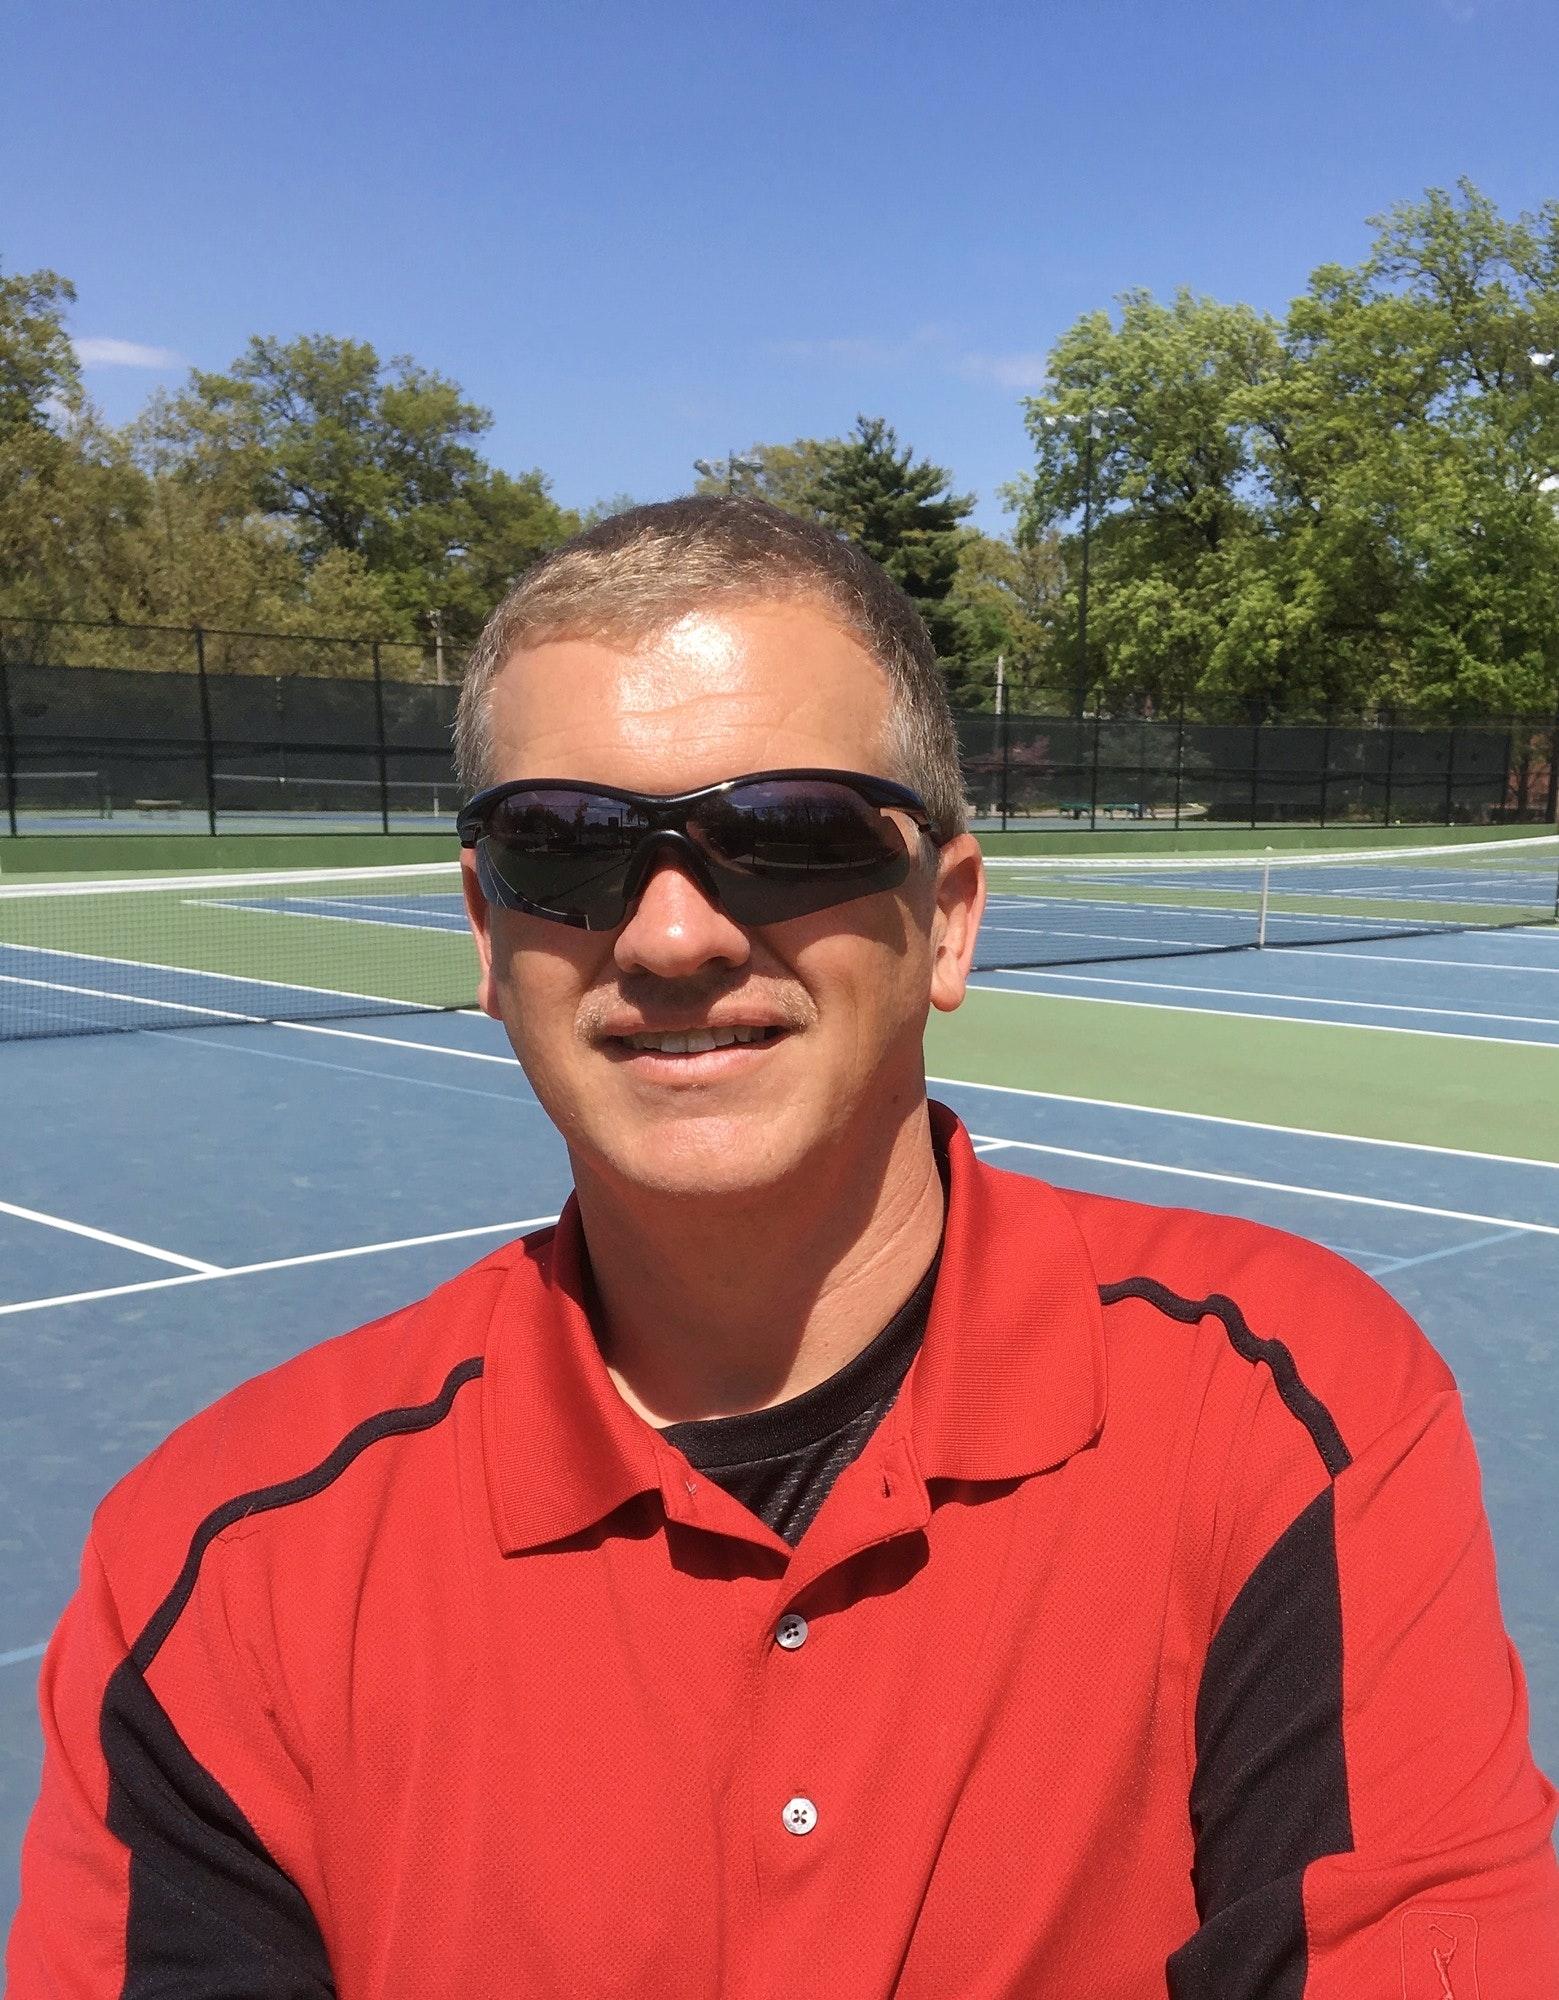 Brian K. teaches tennis lessons in Ballwin, MO